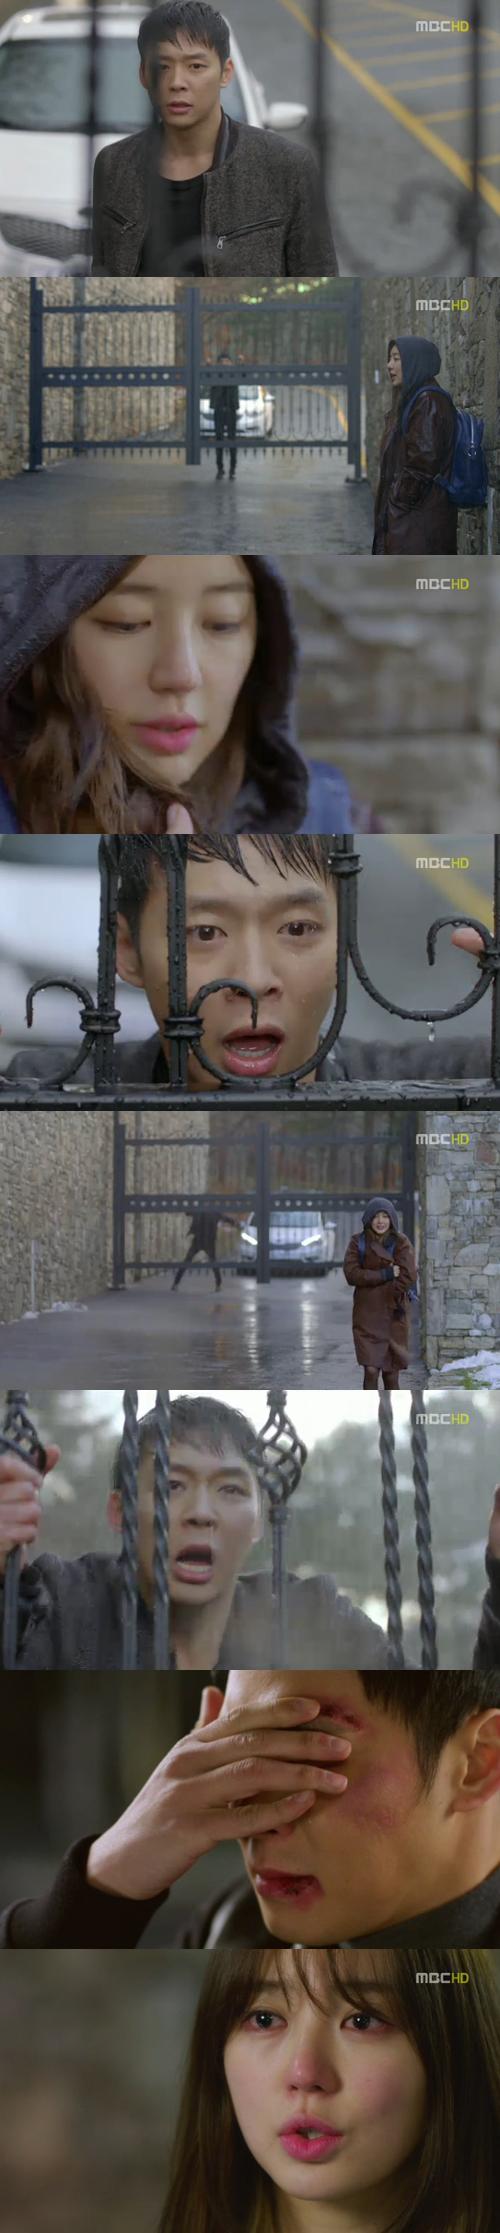 park yoochun and yoon eun hye relationship help